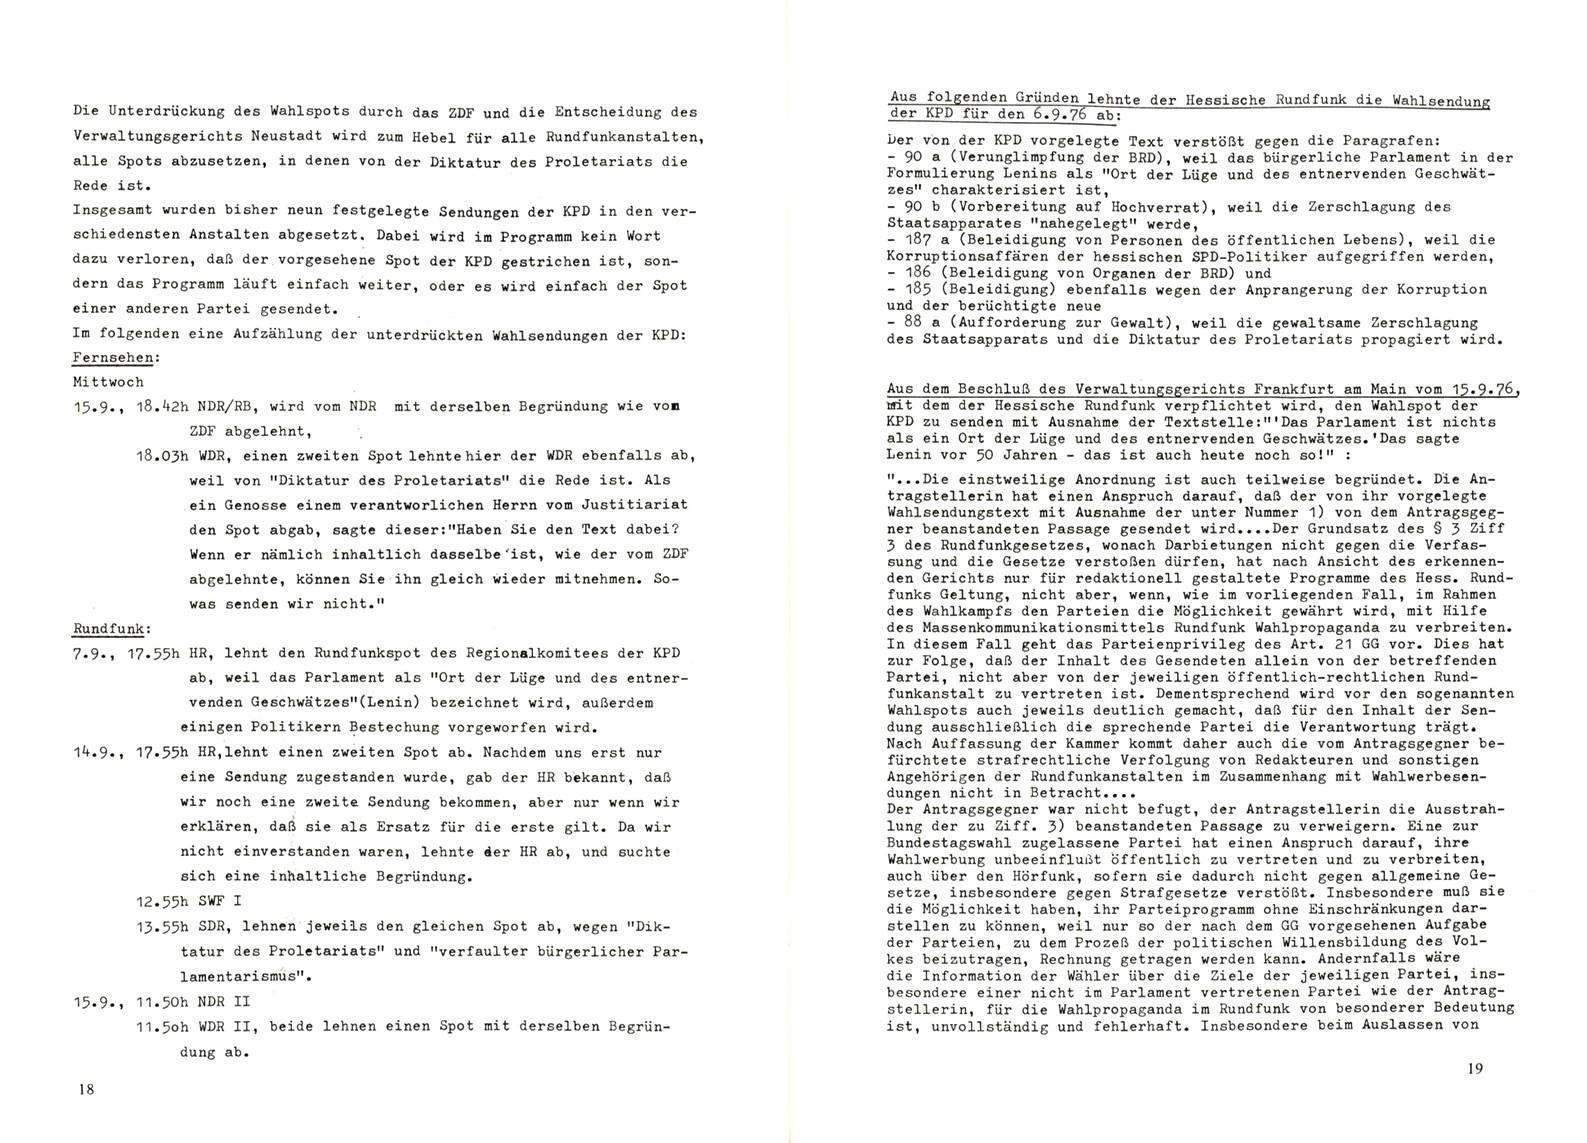 KPDAO_1976_Wahlbehinderungen_im_BTW_11